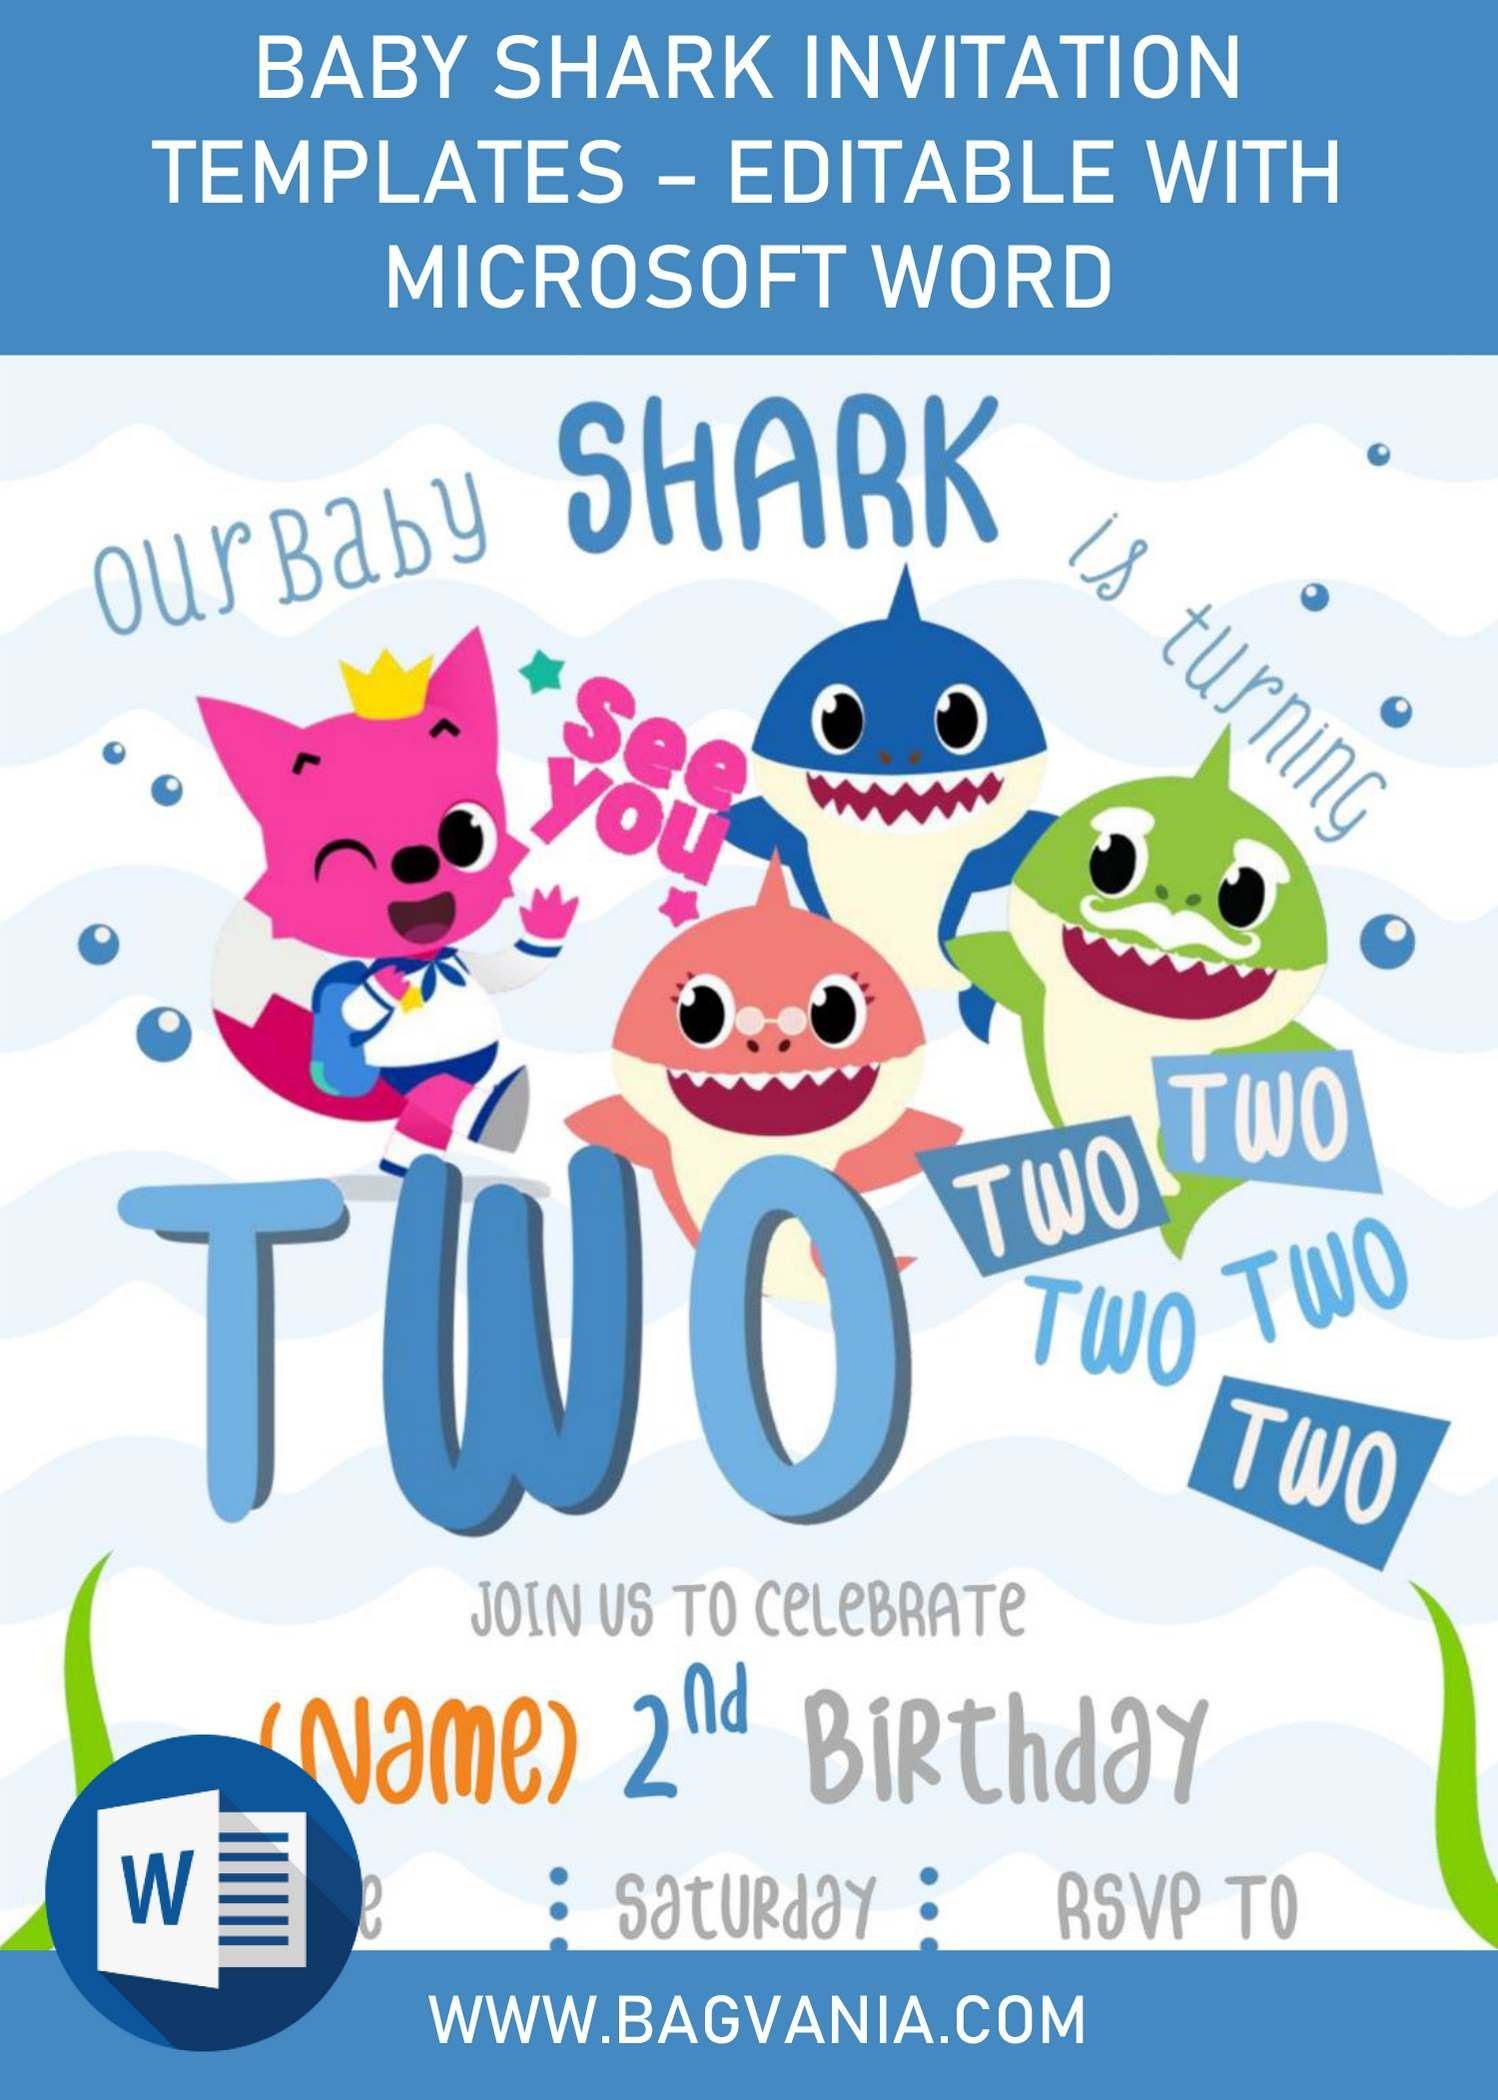 Baby Shark Birthday Invitation Templates Editable With Microsoft Word Shark Birthday Invitations Shark Birthday Party Invitation Shark Birthday Party